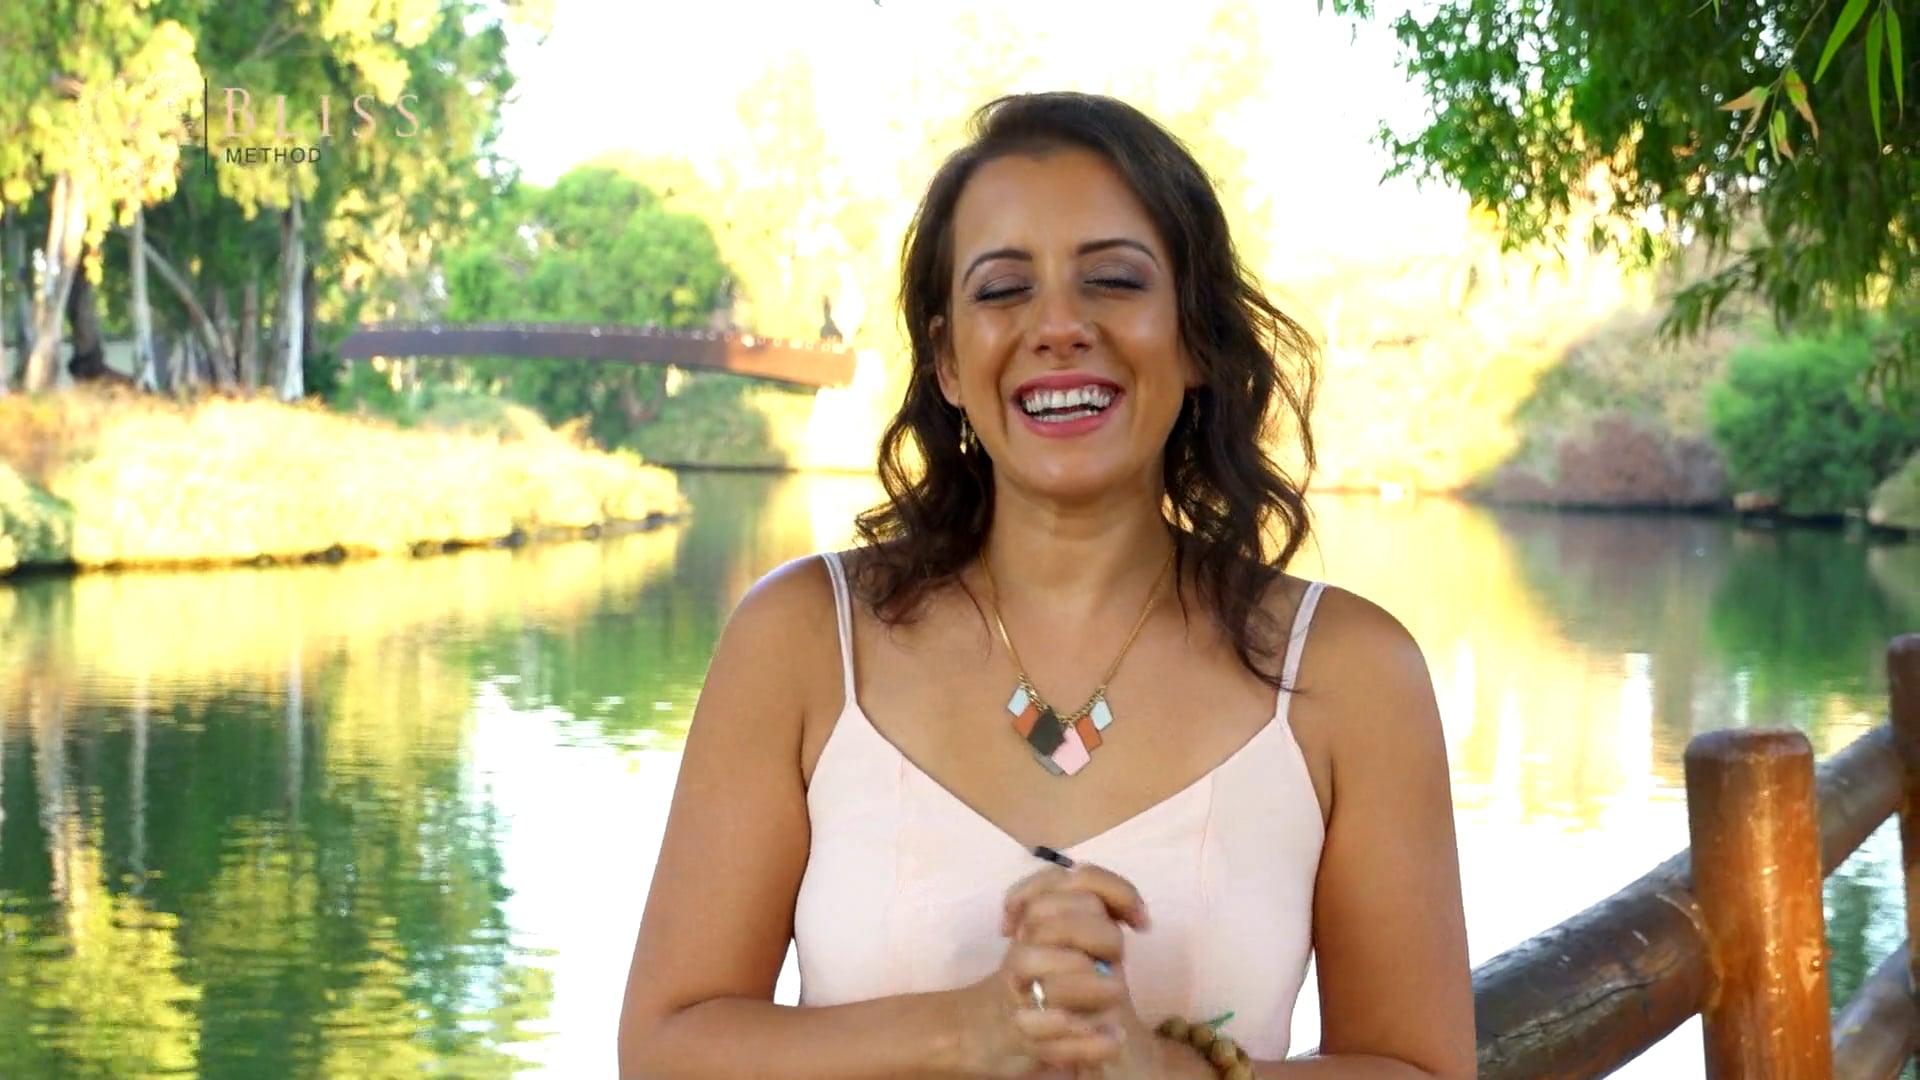 Bliss סרטון מתוך קורס דיגיטלי מבית